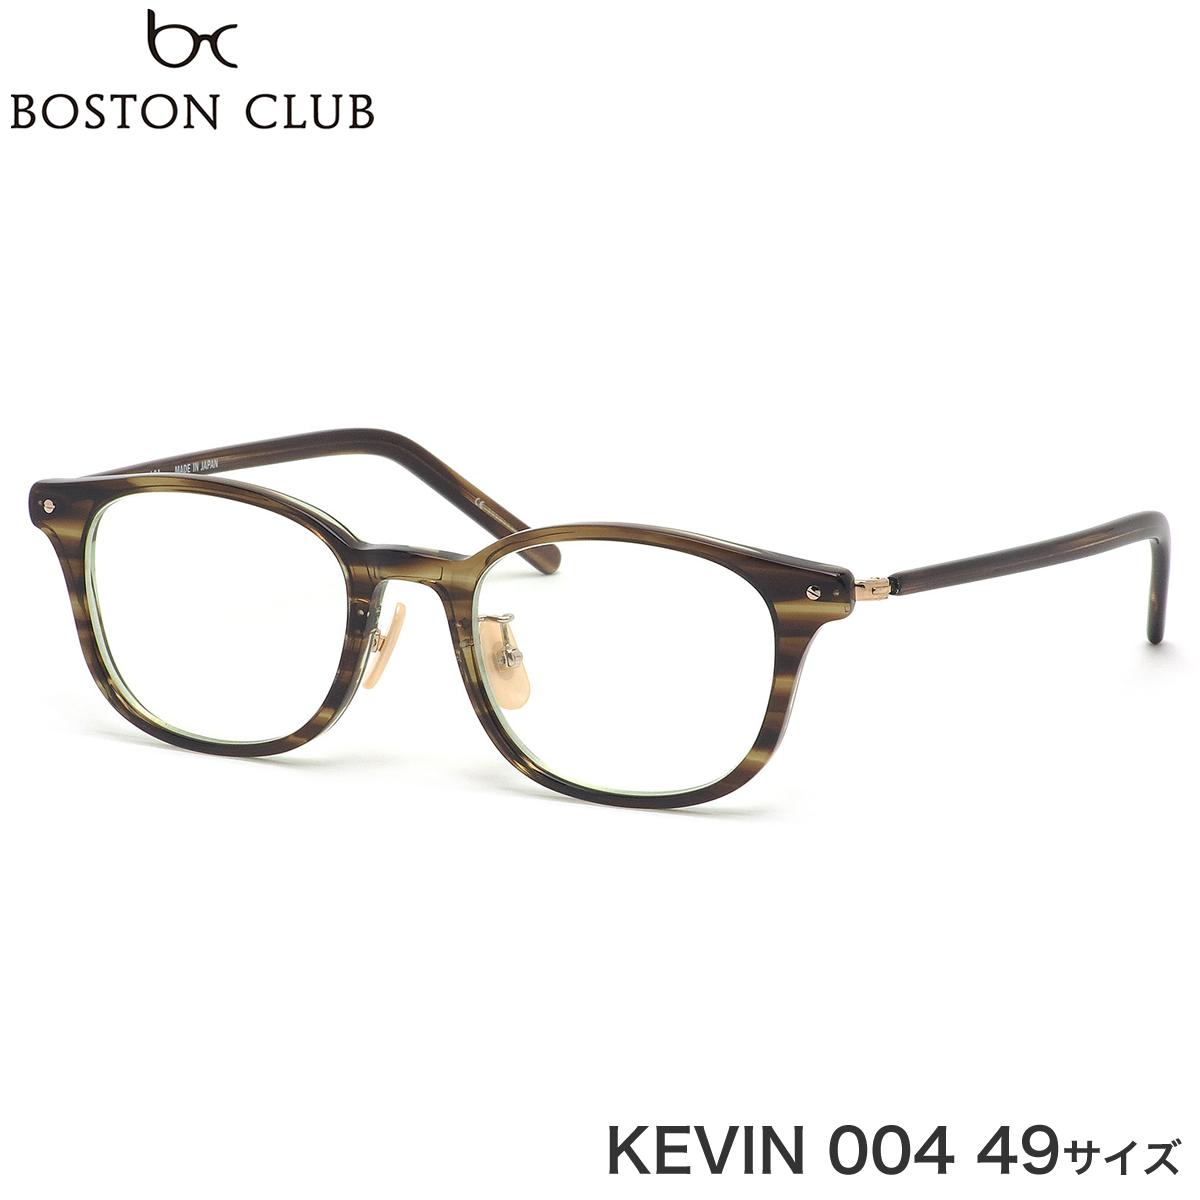 ボストンクラブ BOSTON CLUB メガネ 伊達メガネセット KEVIN 004 49サイズ ボストンクラブBOSTONCLUB 伊達メガネレンズ無料 メンズ レディース